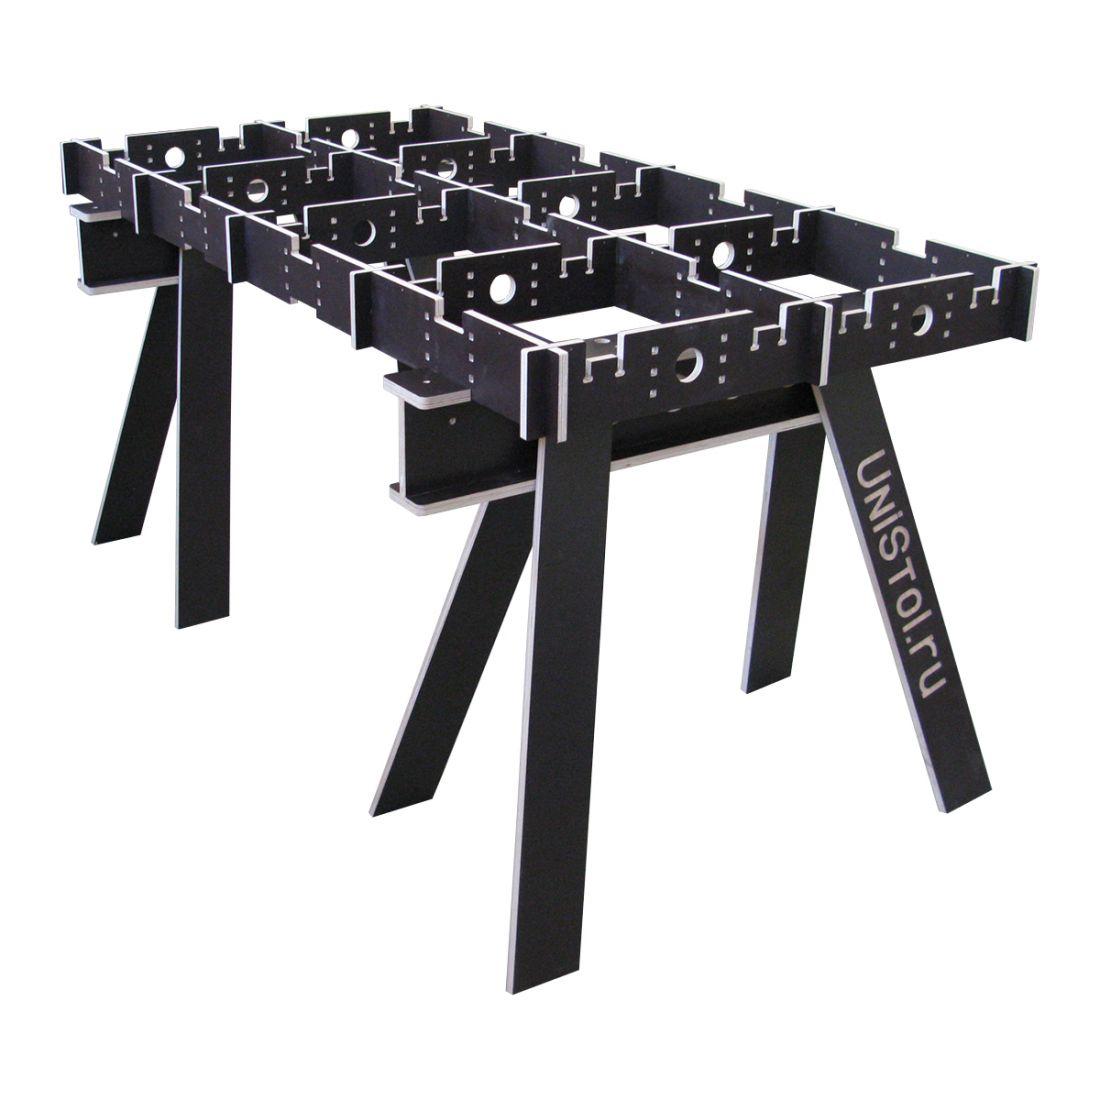 Ячеистый стол для раскроя листовых материалов 1600x800 мм без столешницы